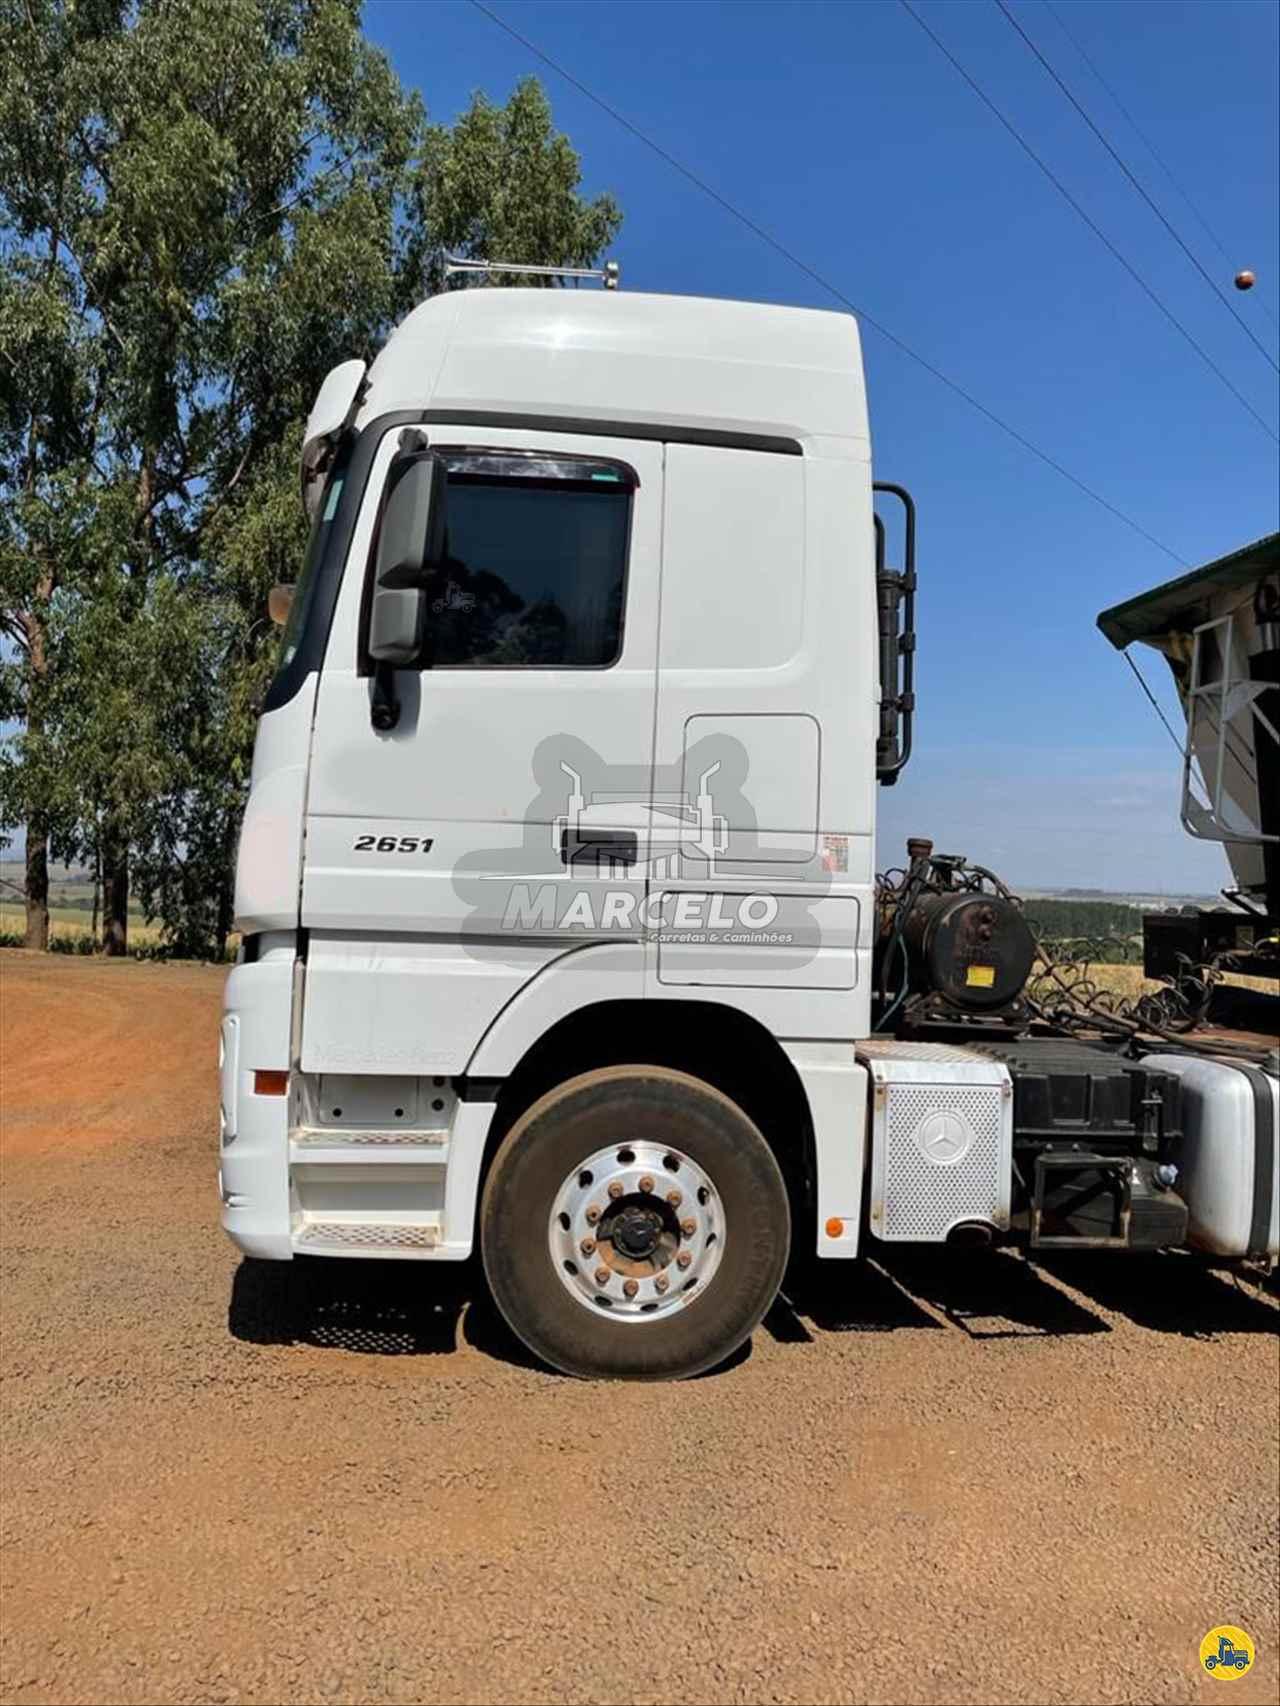 CAMINHAO MERCEDES-BENZ MB 2651 Cavalo Mecânico Traçado 6x4 Marcelo Carretas e Caminhões PIRAPOZINHO SÃO PAULO SP